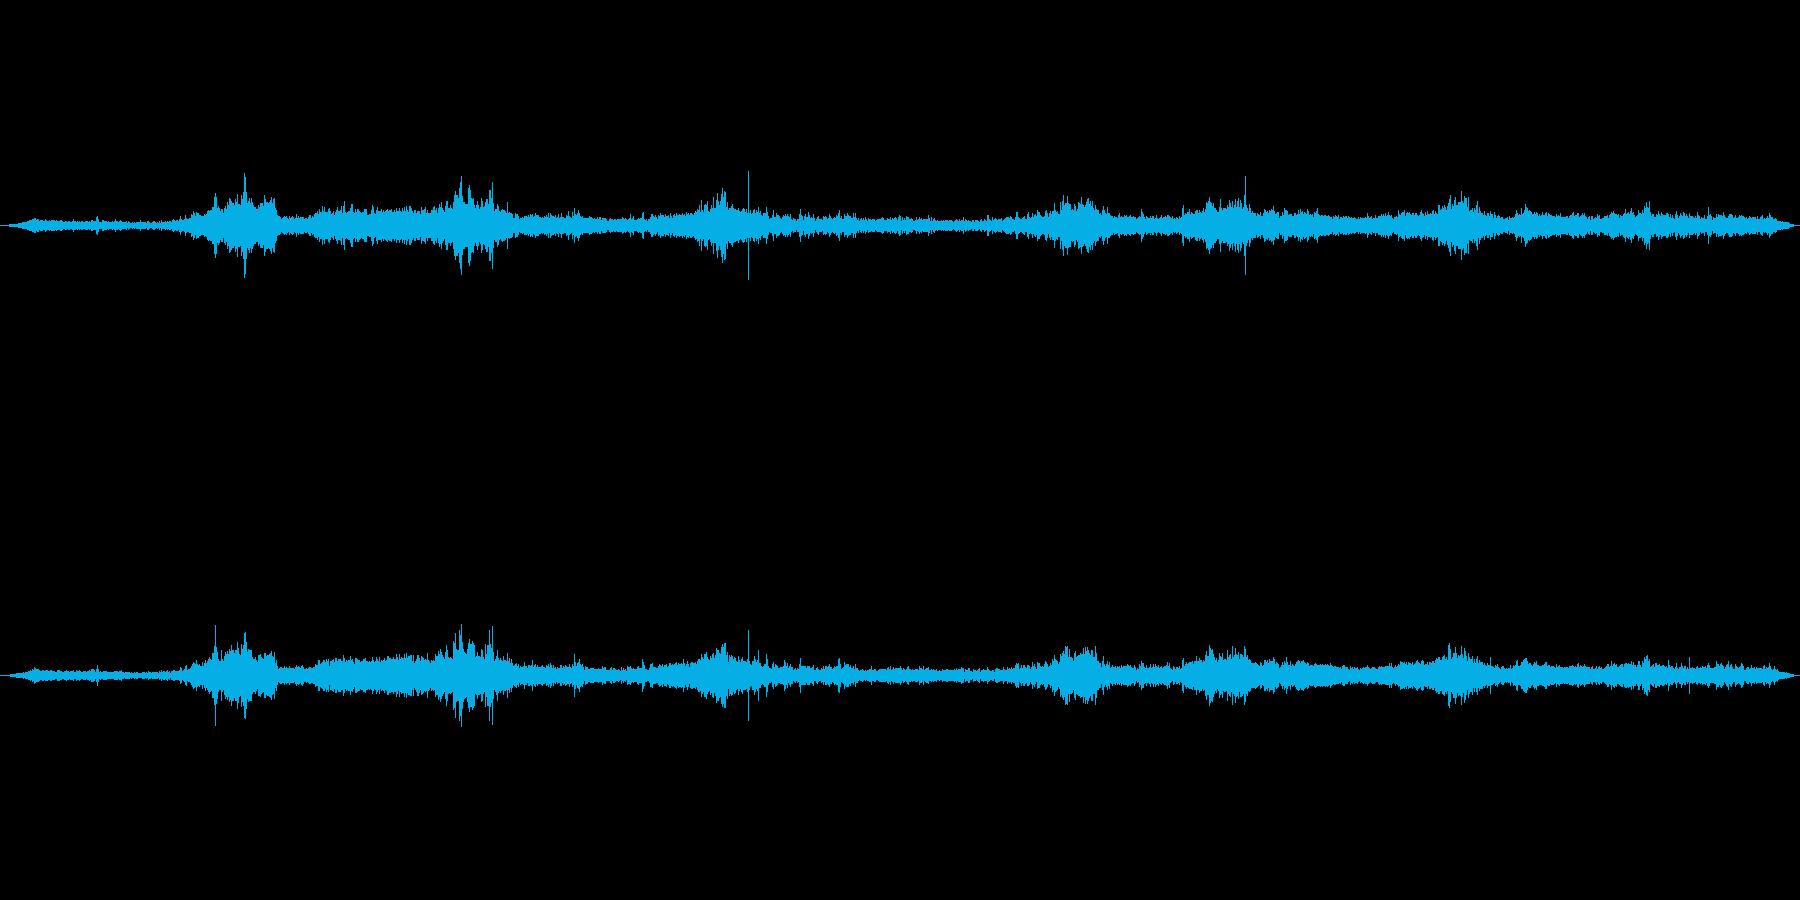 岩場に打ち寄せる波の音の再生済みの波形